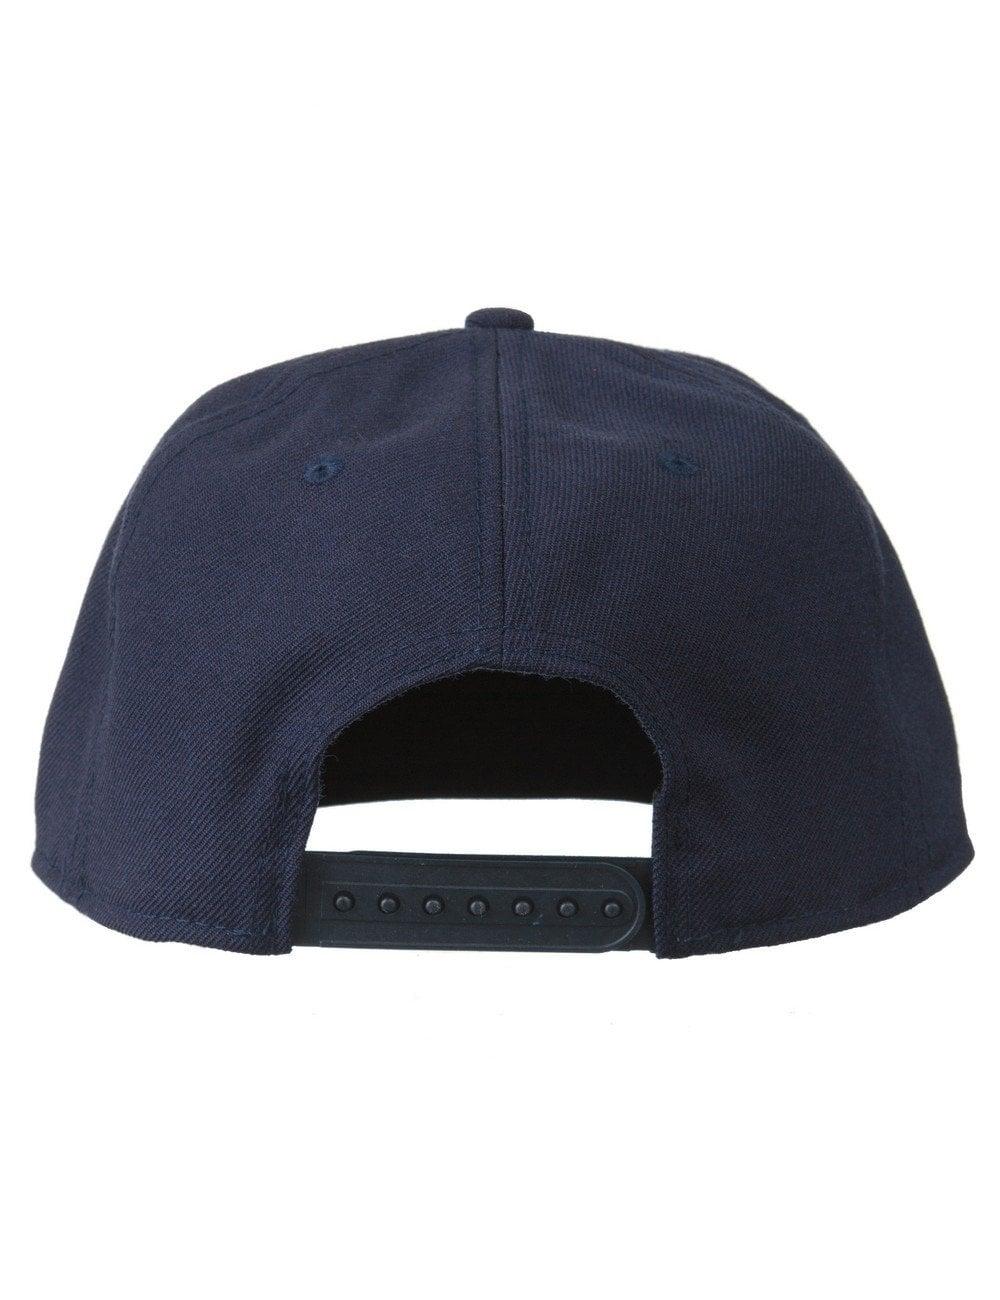 Nike Futura True 2 Snapback Hat - Obsidian - Accessories from Fat ... 0b1aec890fdf